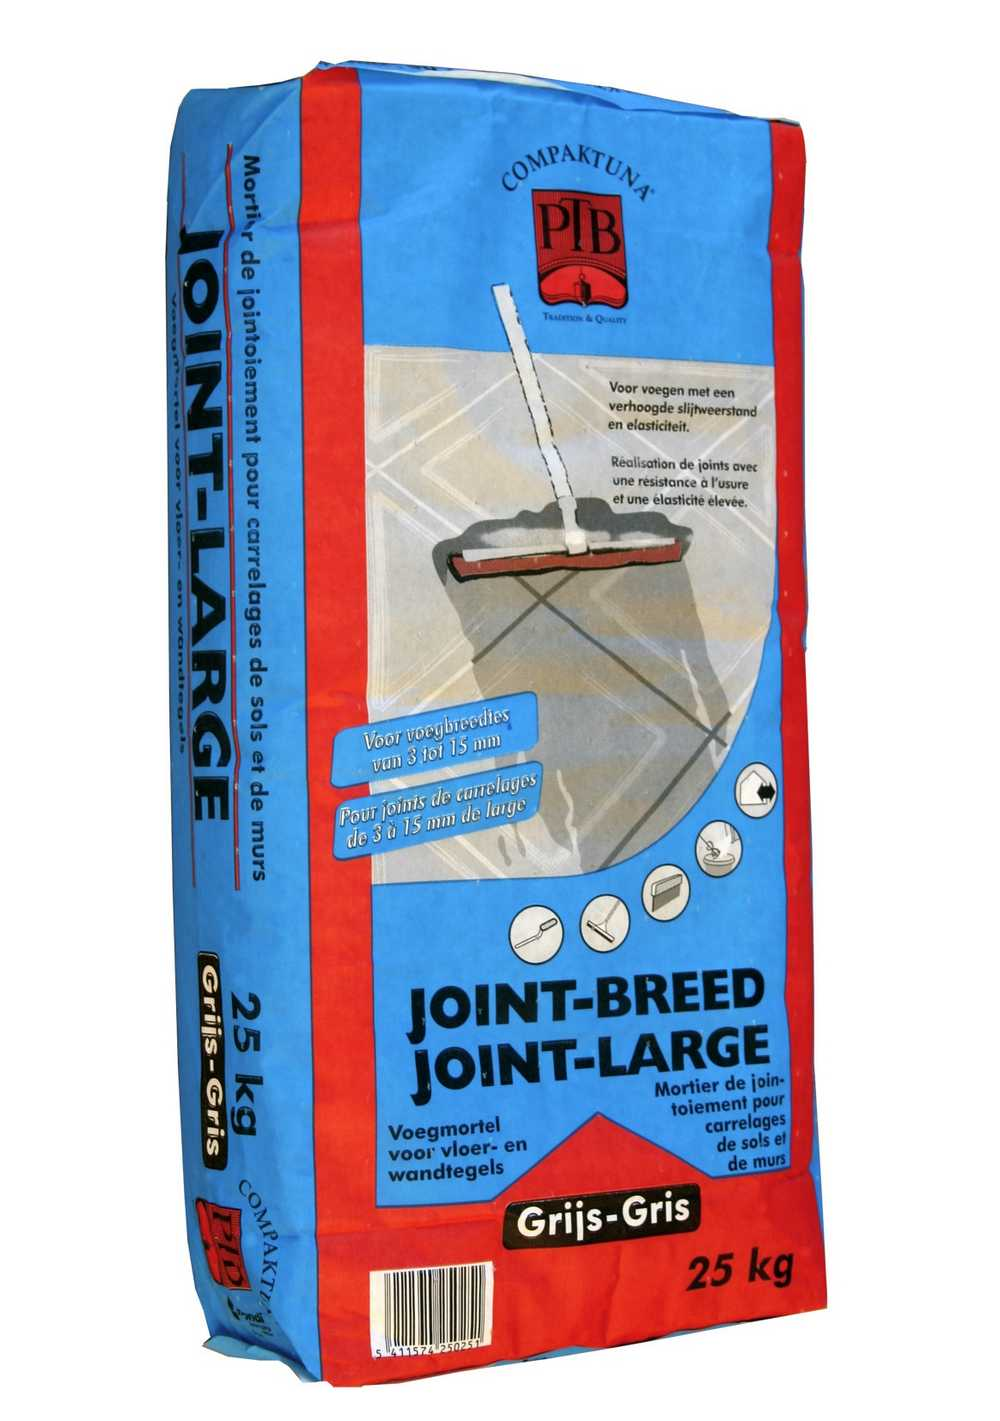 P.t.b.-joint-breed 25kg Zwart